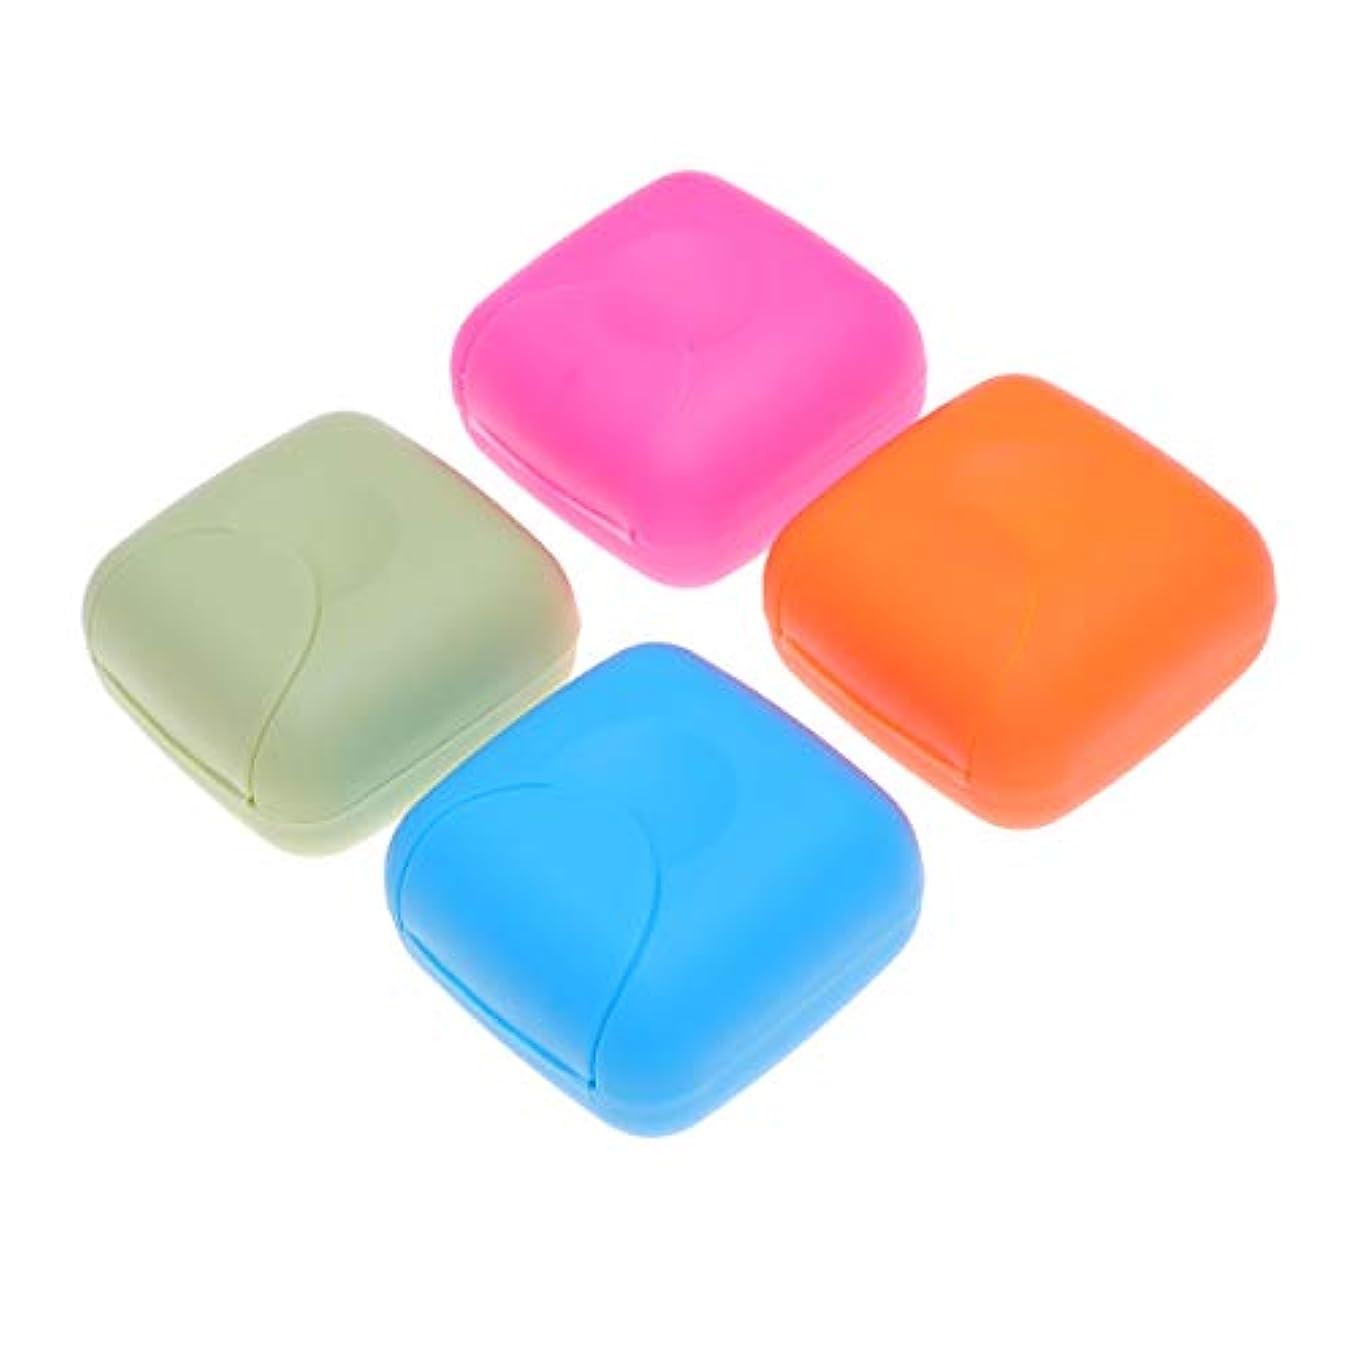 悪因子心配カナダHealifty ソープボックスポータブルソープディッシュソープケース4本(ブルー、ロージー、オレンジ、ピンク)